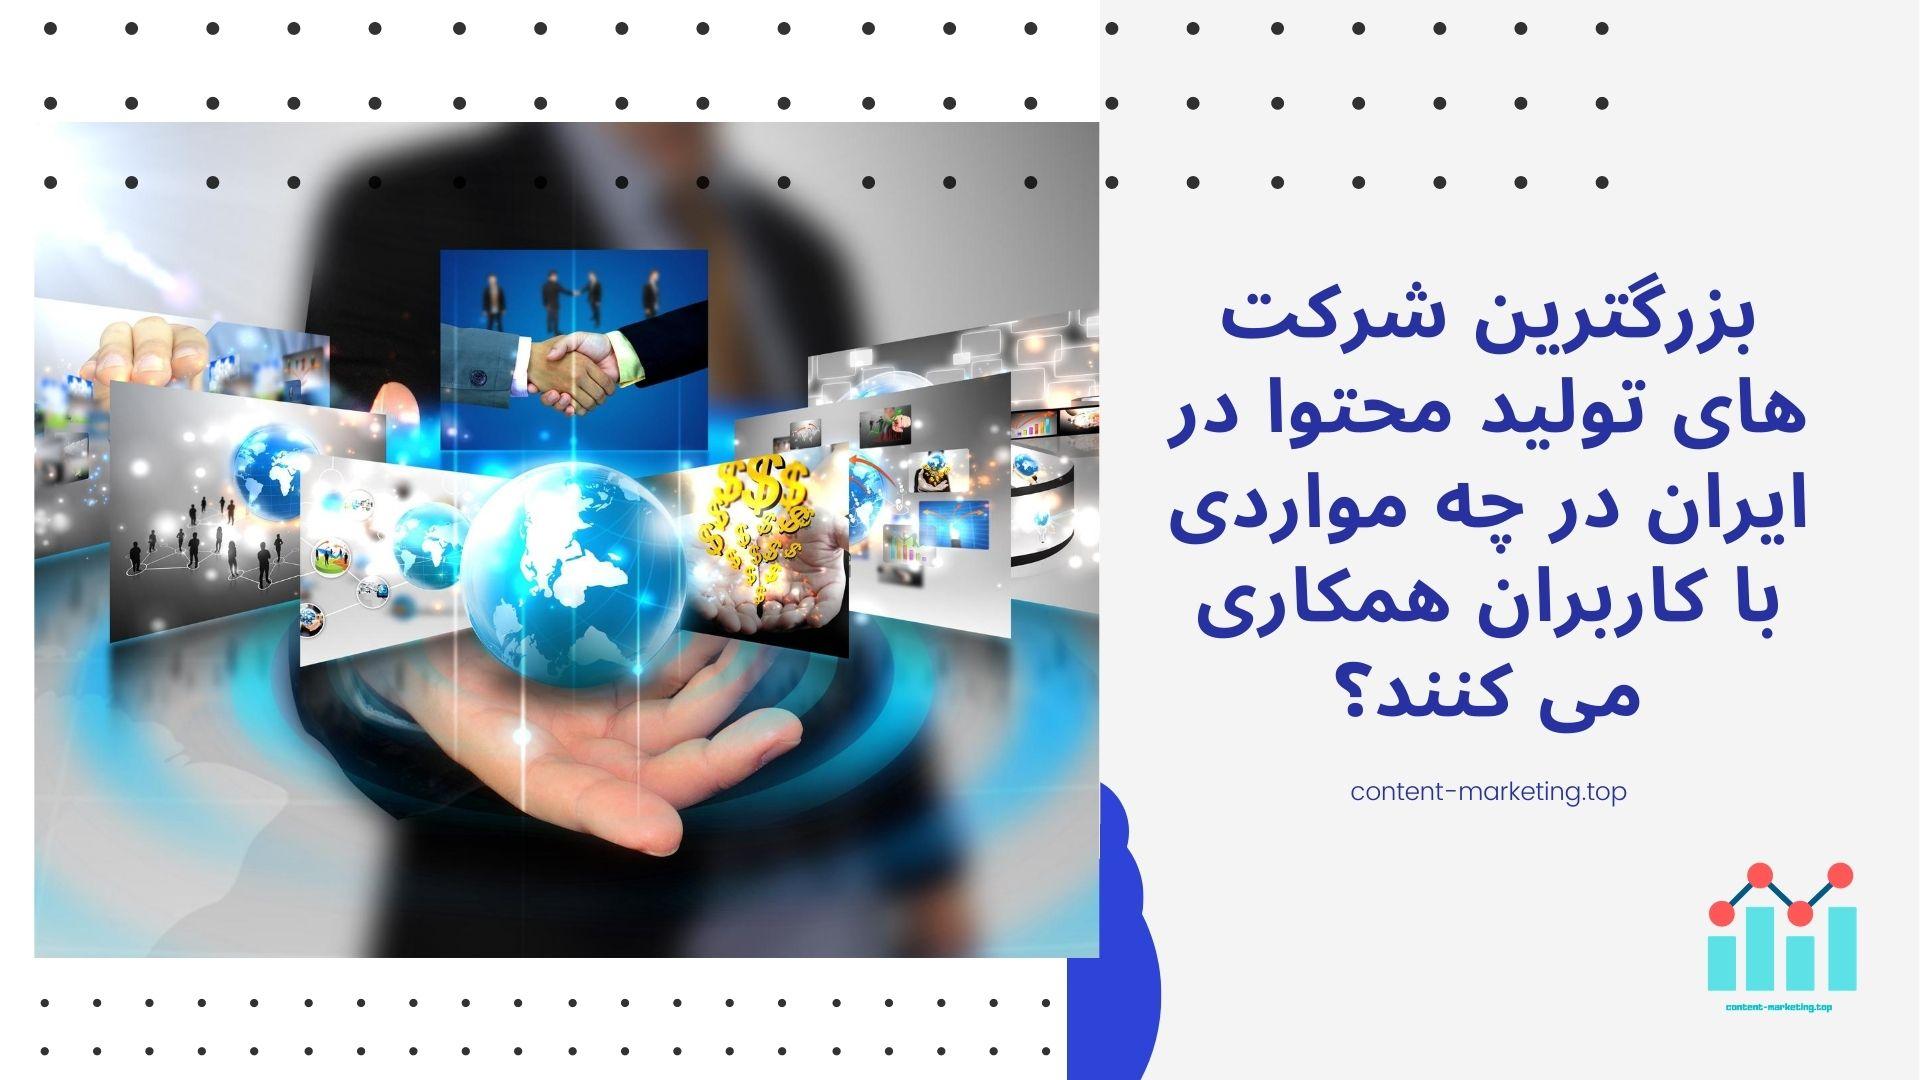 بزرگترین شرکت های تولید محتوا در ایران در چه مواردی با کاربران همکاری می کنند؟